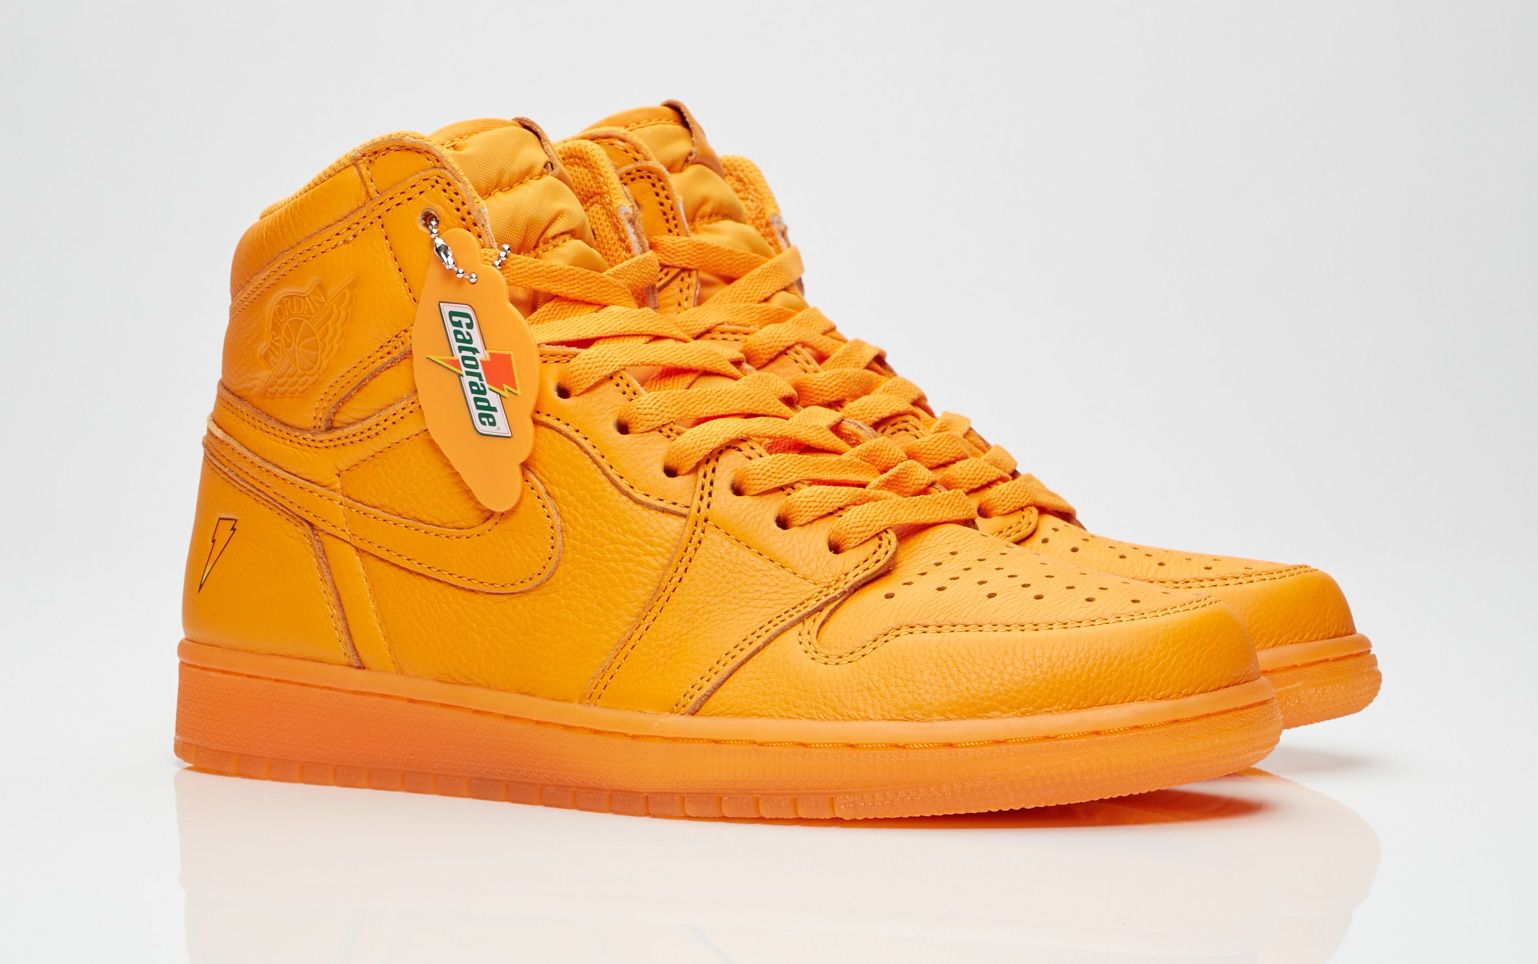 Release Reminder: Air Jordan 1 Gatorade Orange Peel